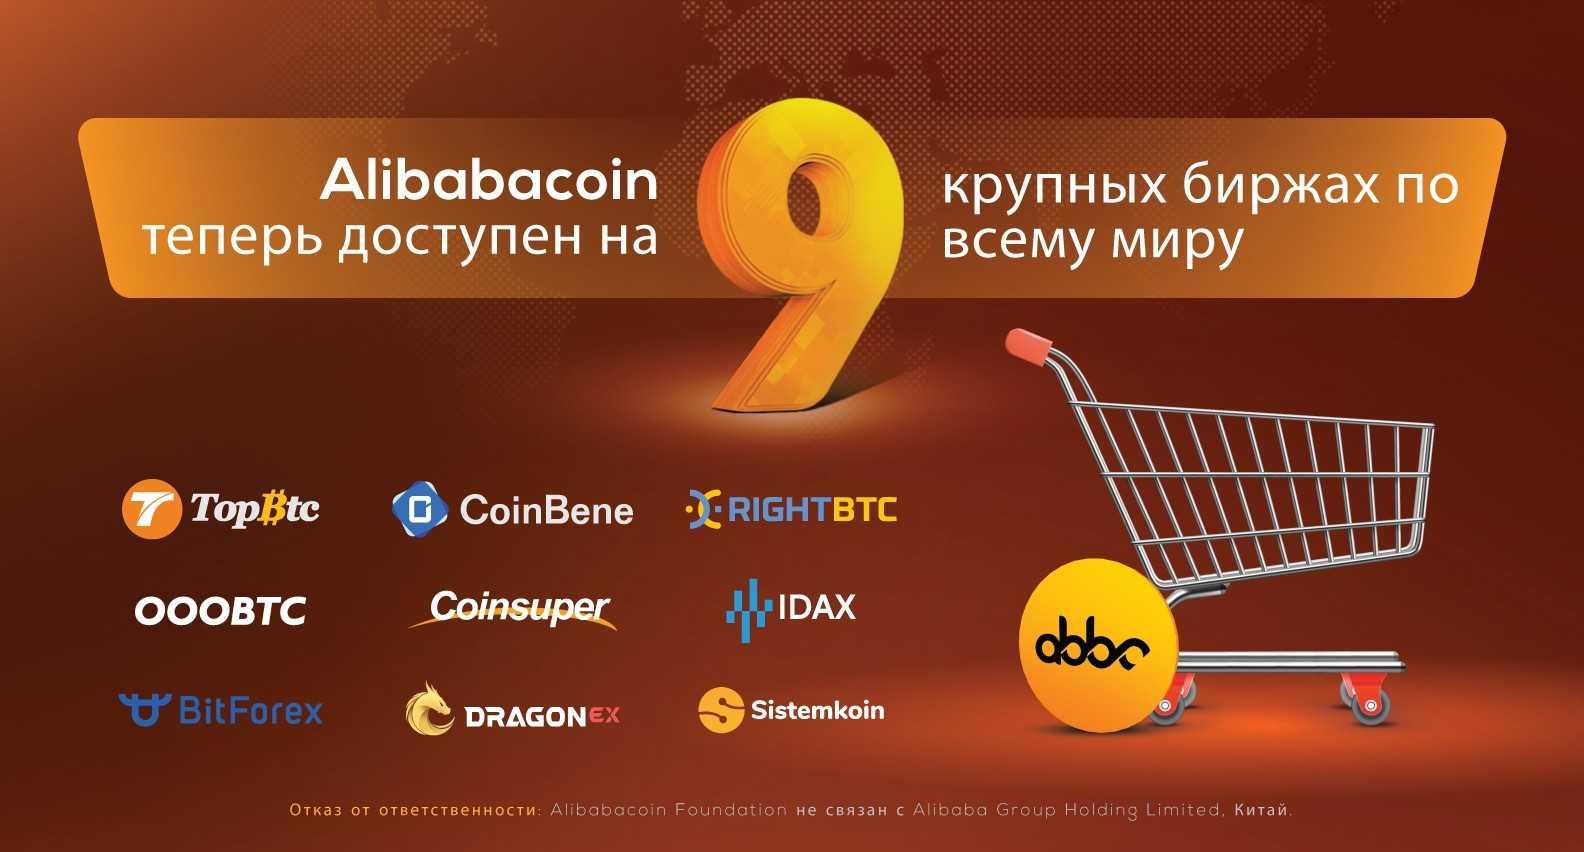 Alibabacoin добавлен в листинг 9 крупных бирж по всему миру